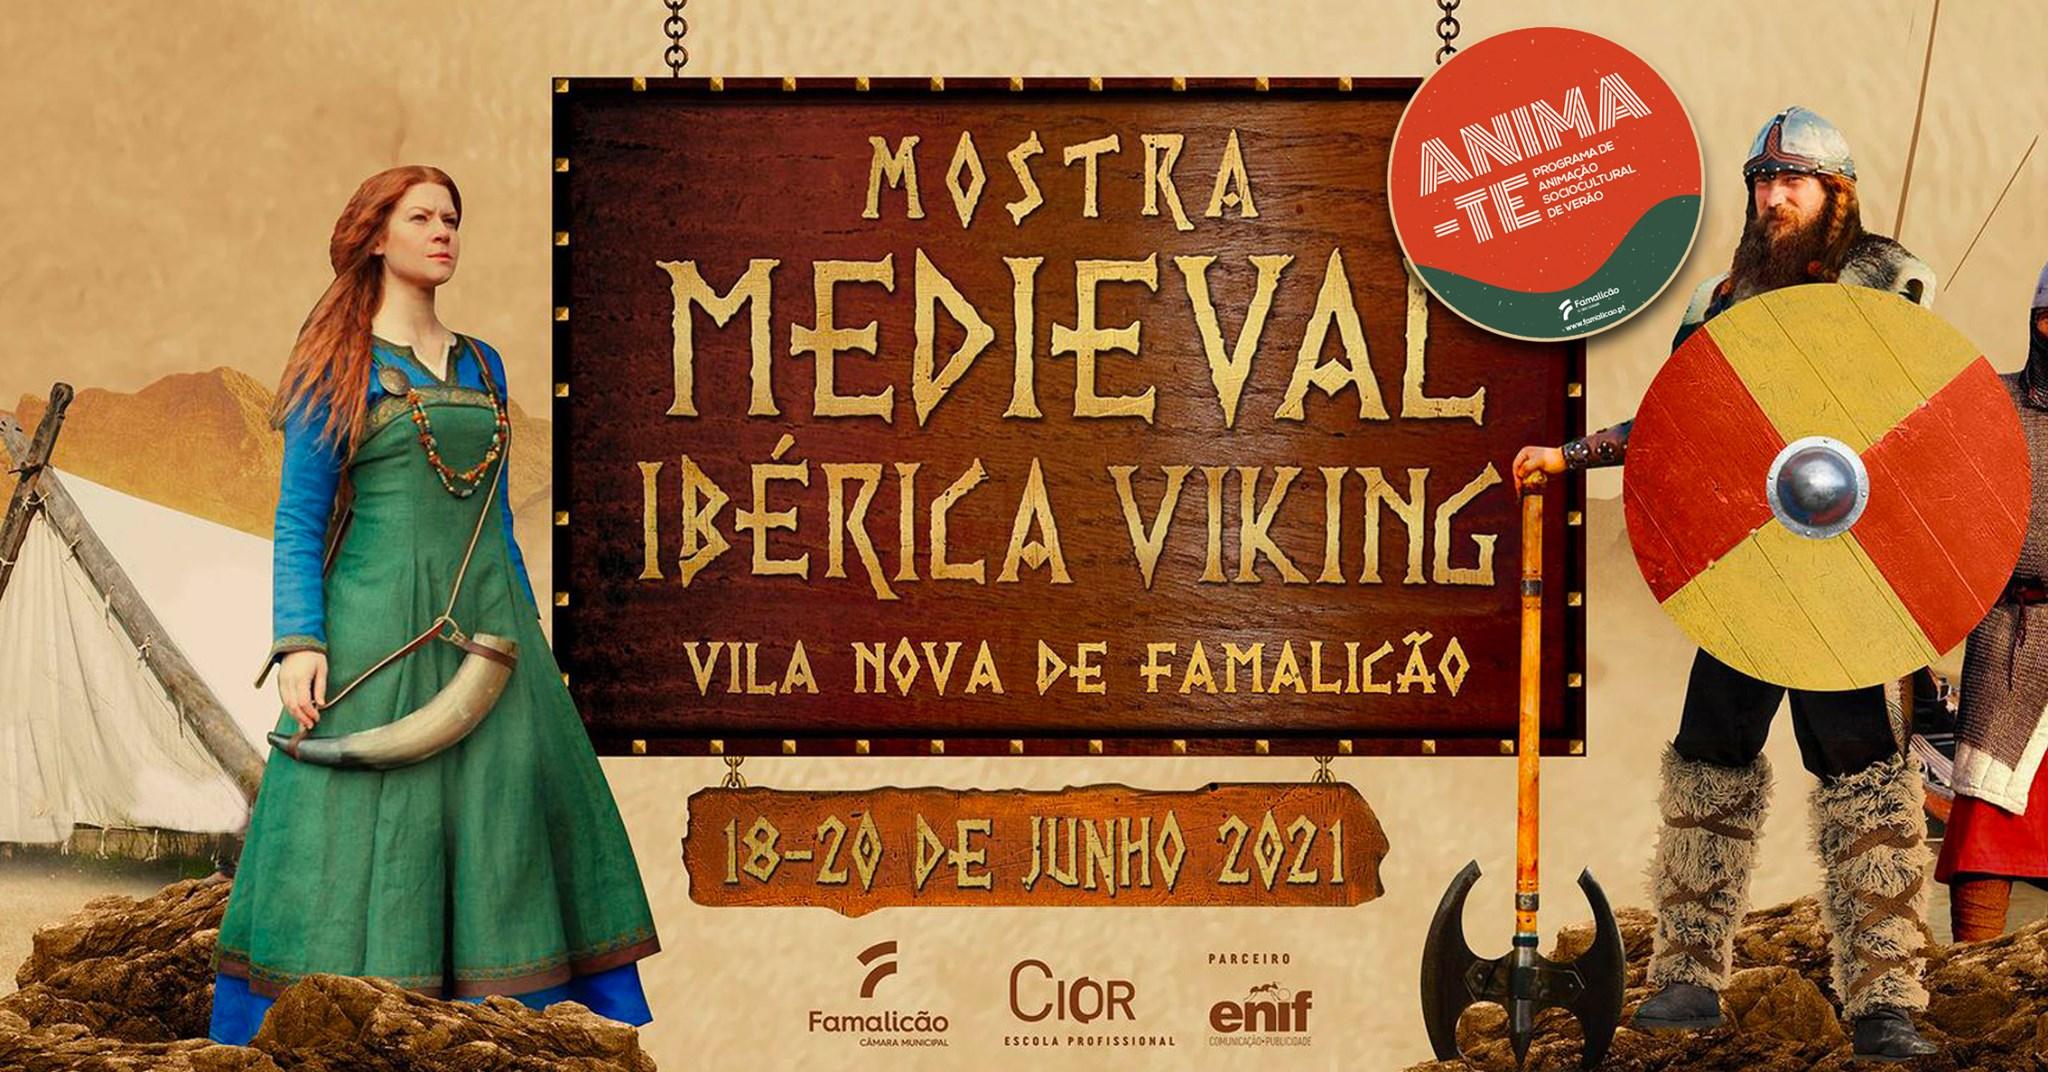 'Anima-te' com a Mostra Medieval Ibérica Viking